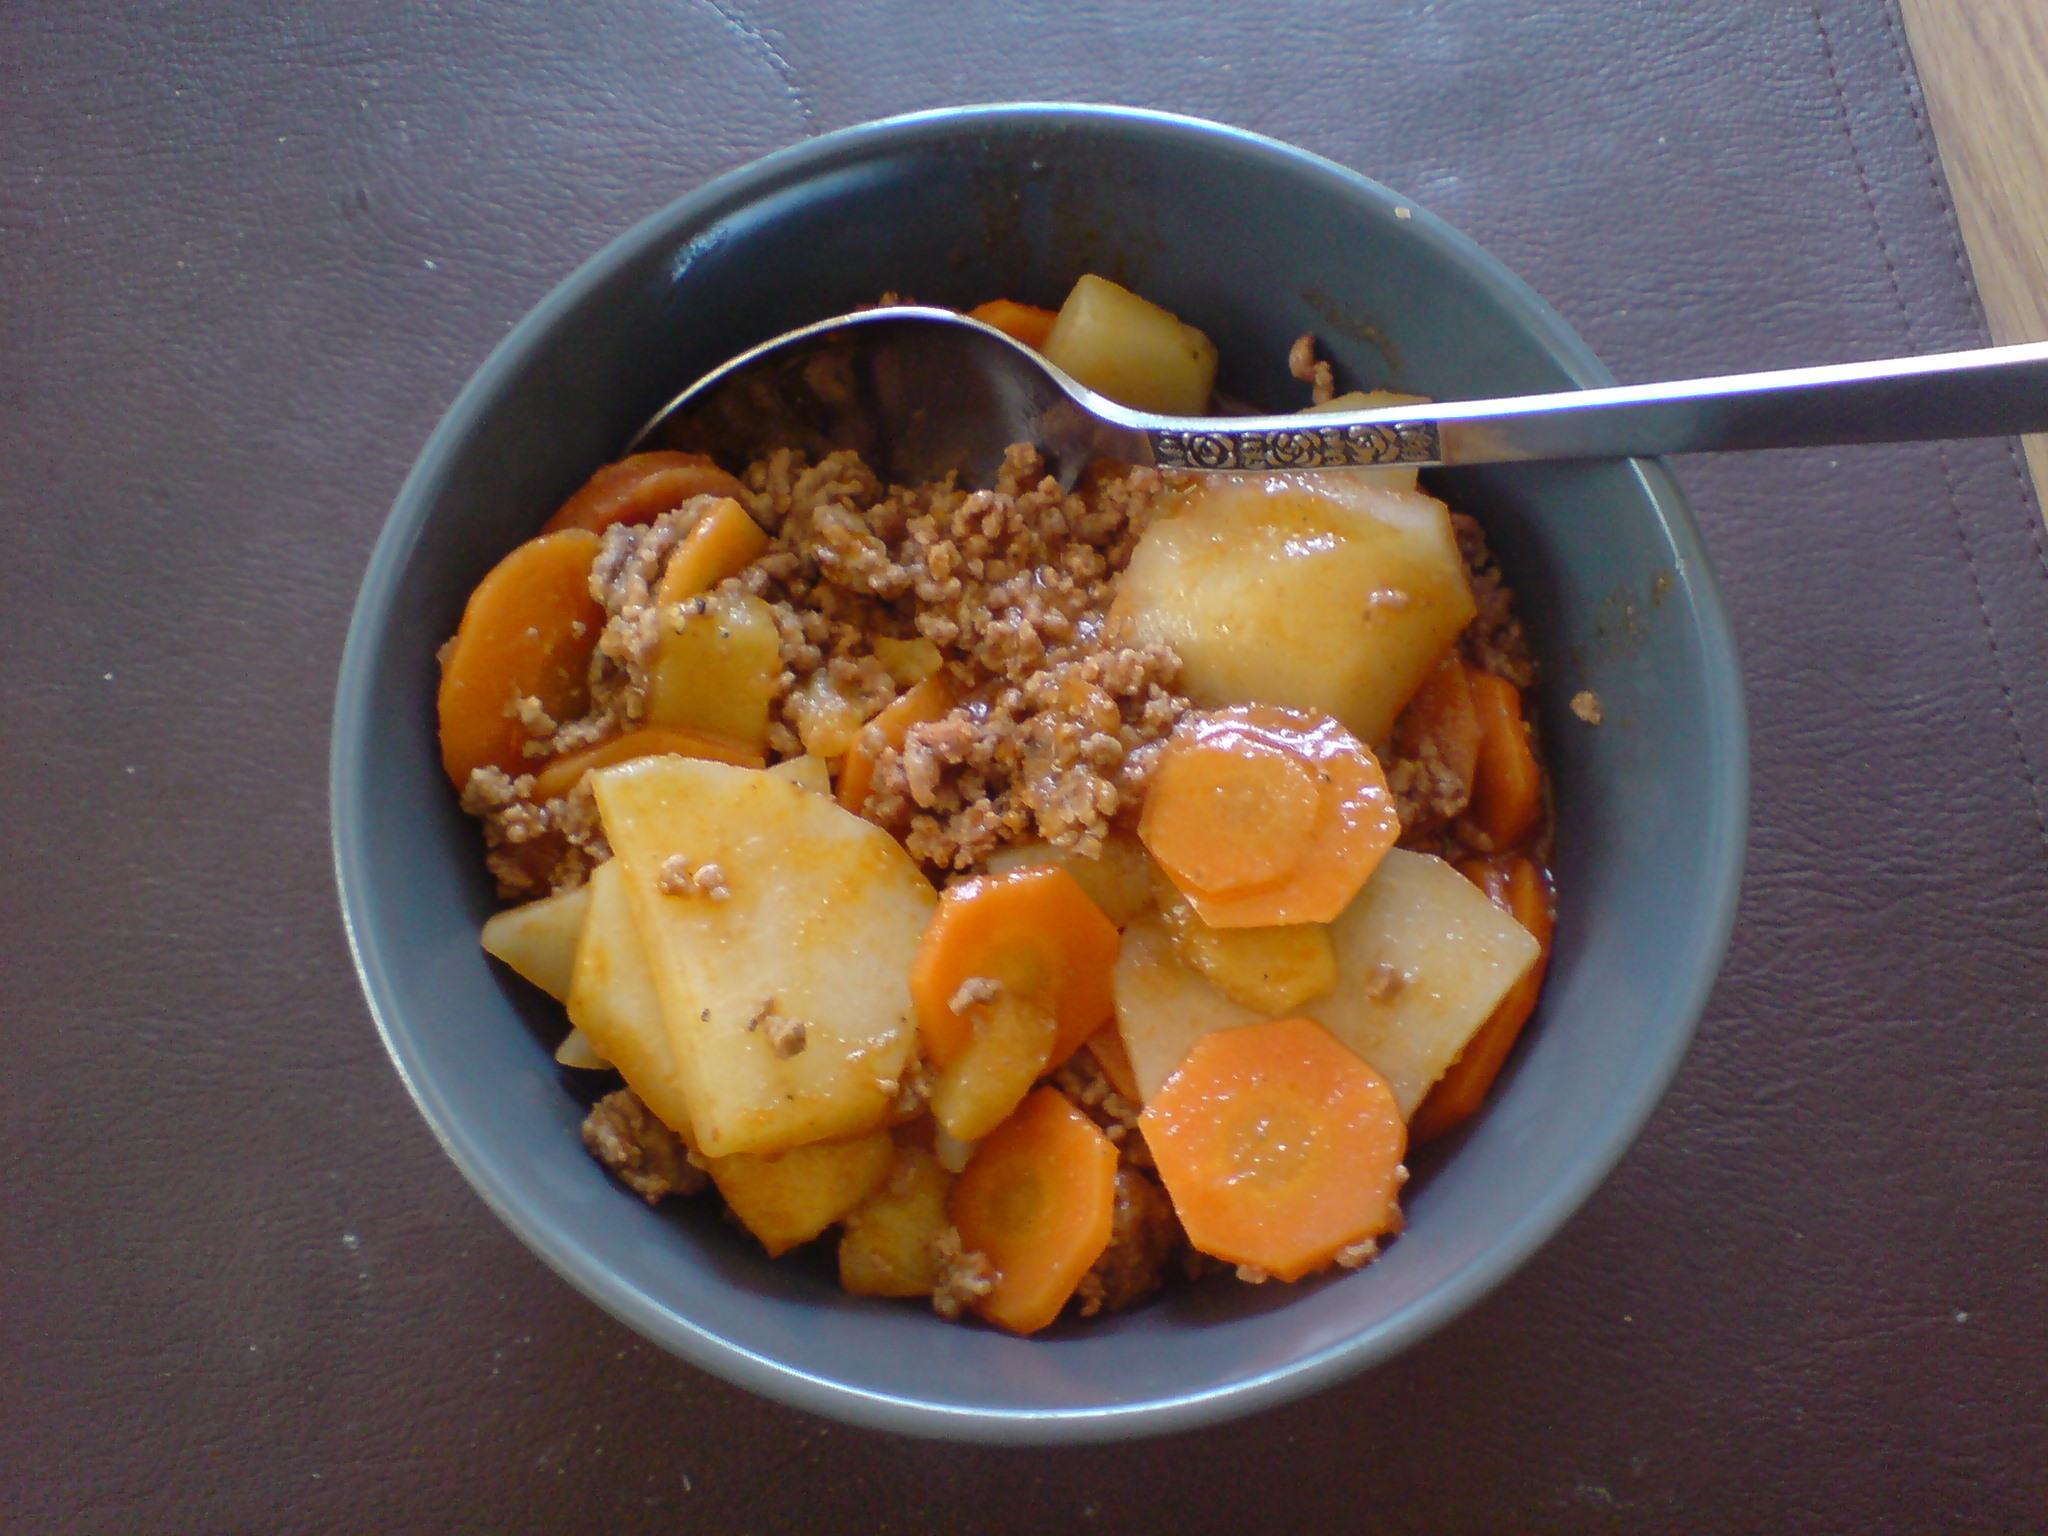 köttfärspanna potatis